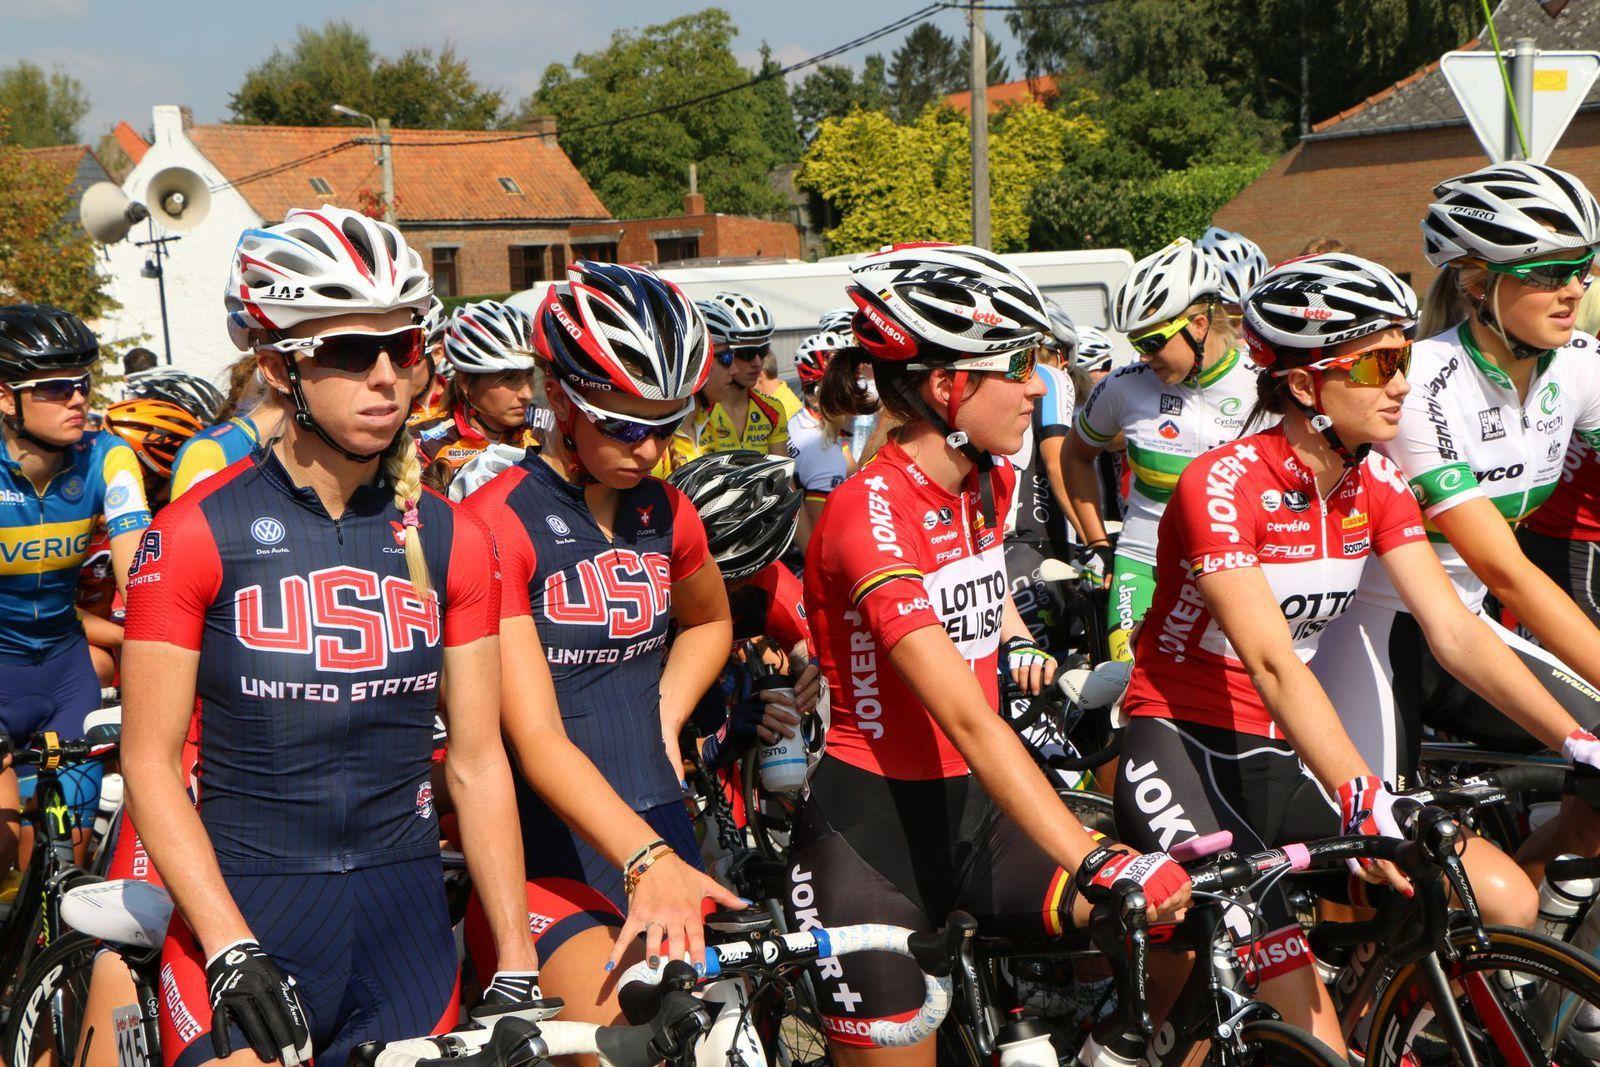 La sélection américaine avec notamment Mandy Heintz.